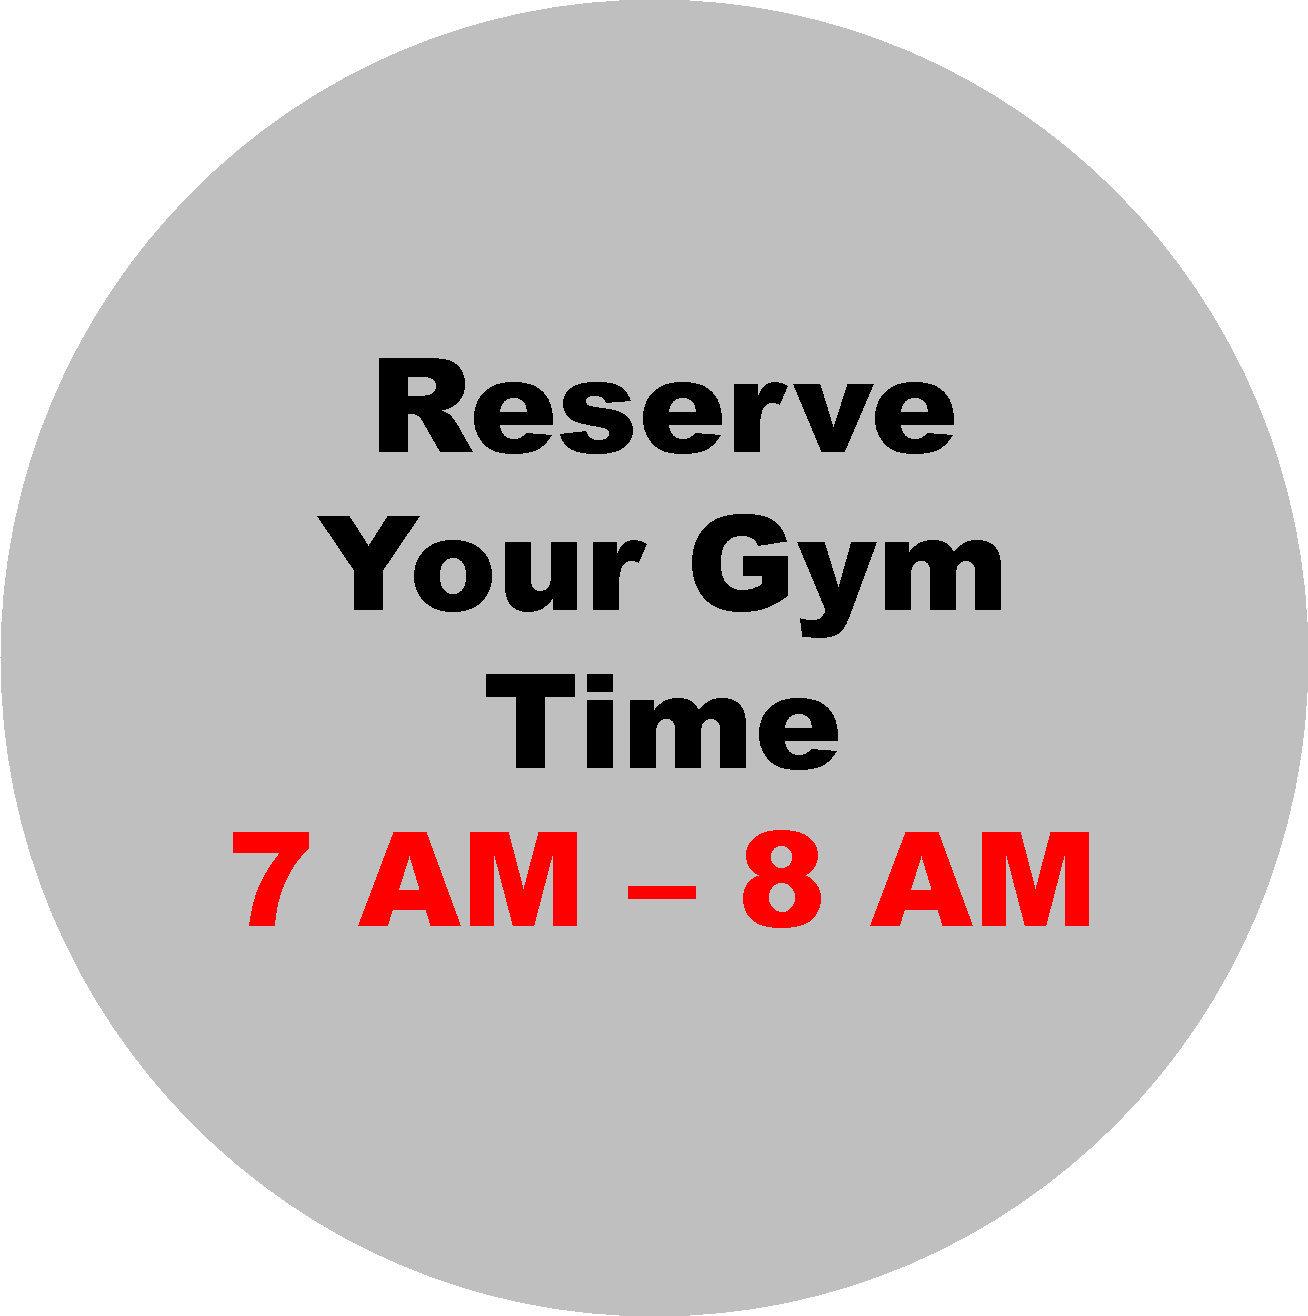 7 AM - 8 AM Workout Hour